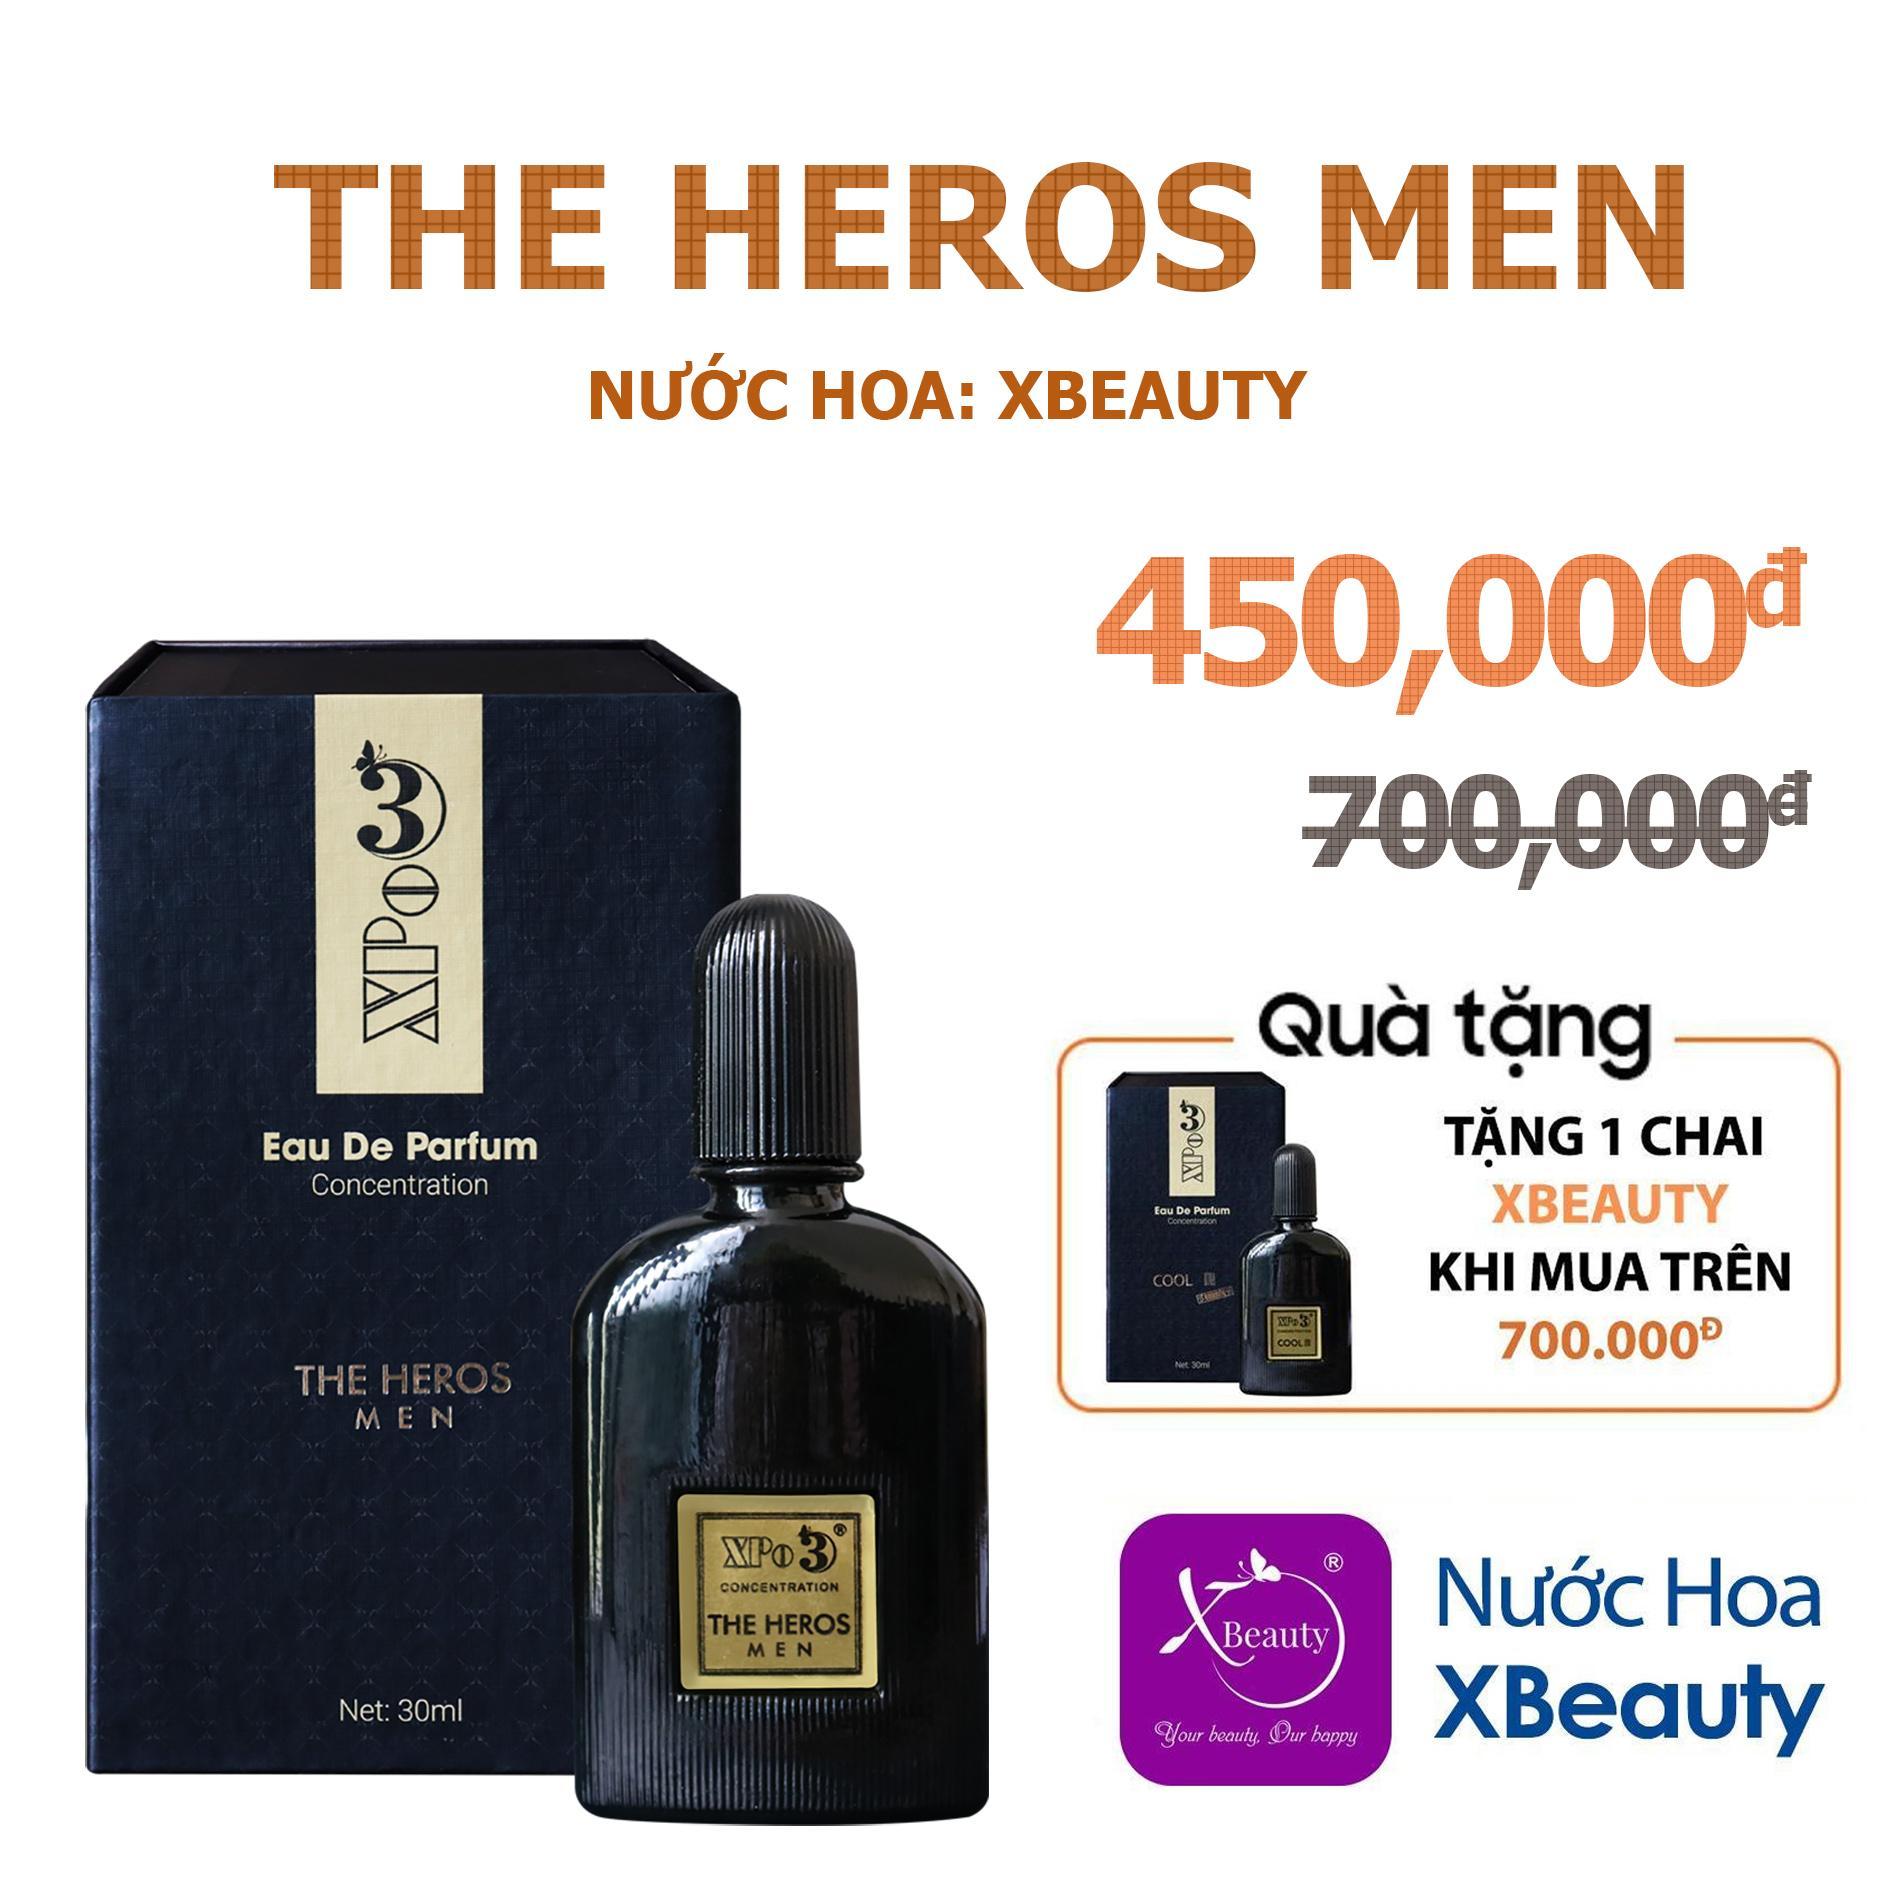 Nước hoa Nam XBeauty XPo3 The Heros Men 30ml (GTIN: 8938511722079). Nước hoa cô đặc thơm lâu dành cho nam giới cao cấp